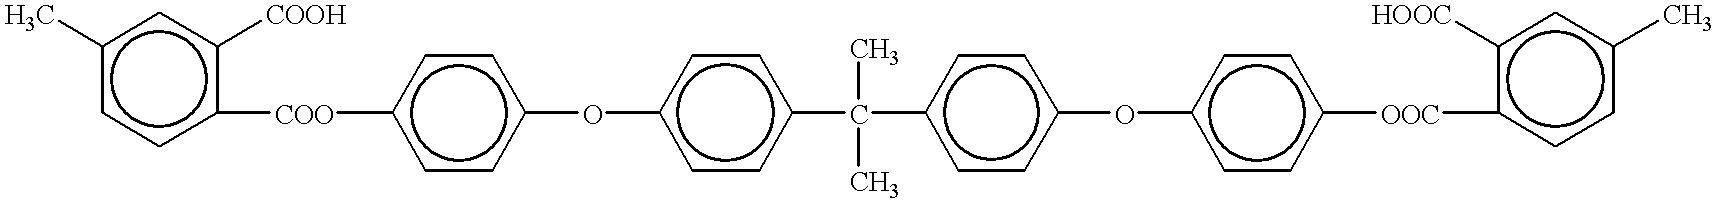 Figure US06180560-20010130-C00370